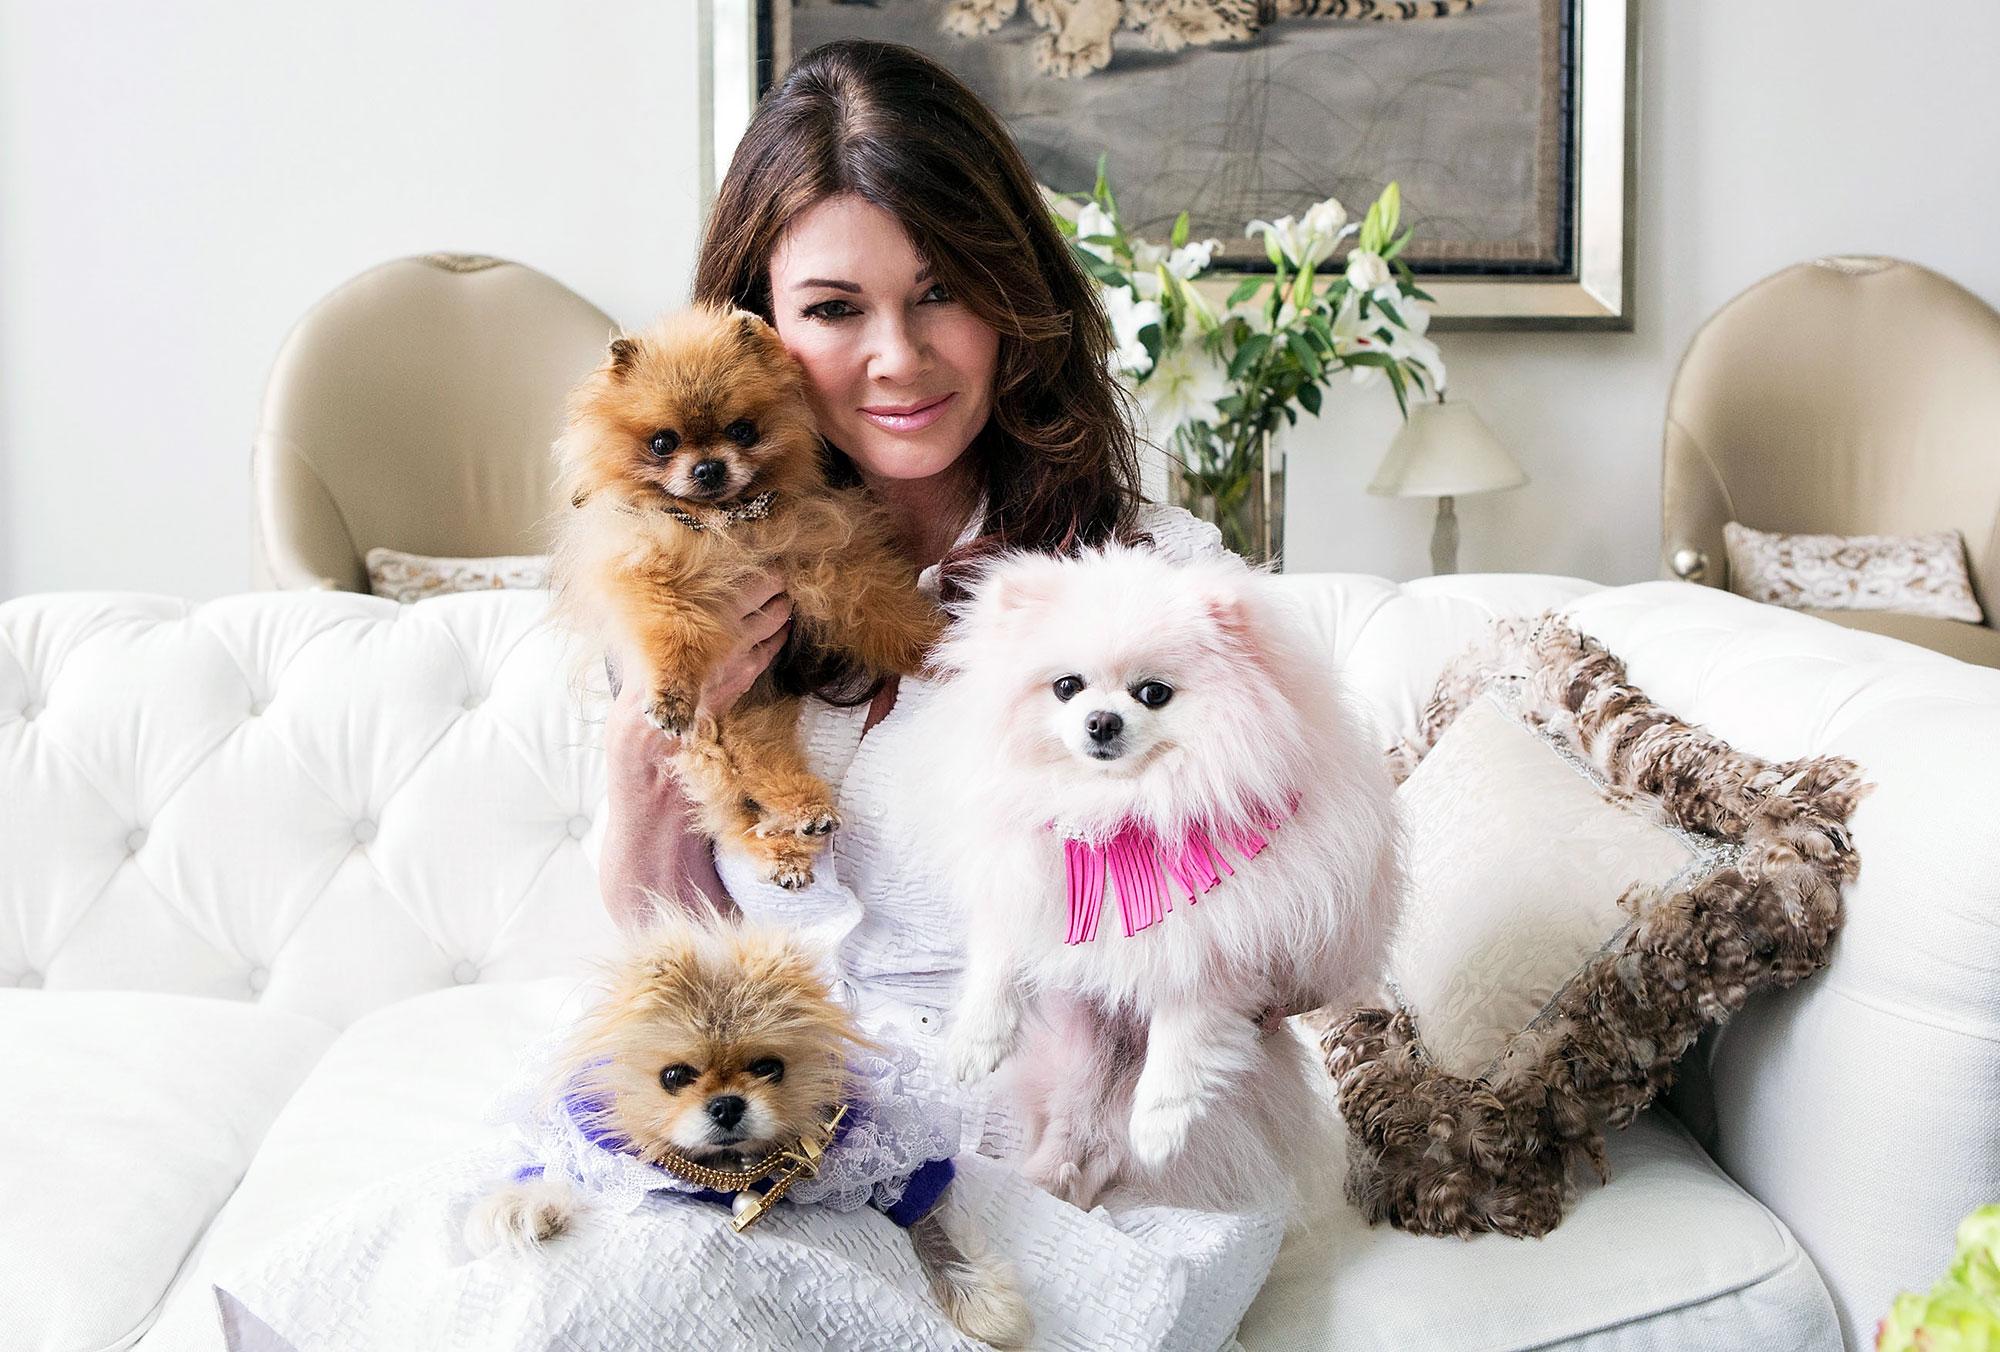 Lisa Vanderpump Gift Late Dogs